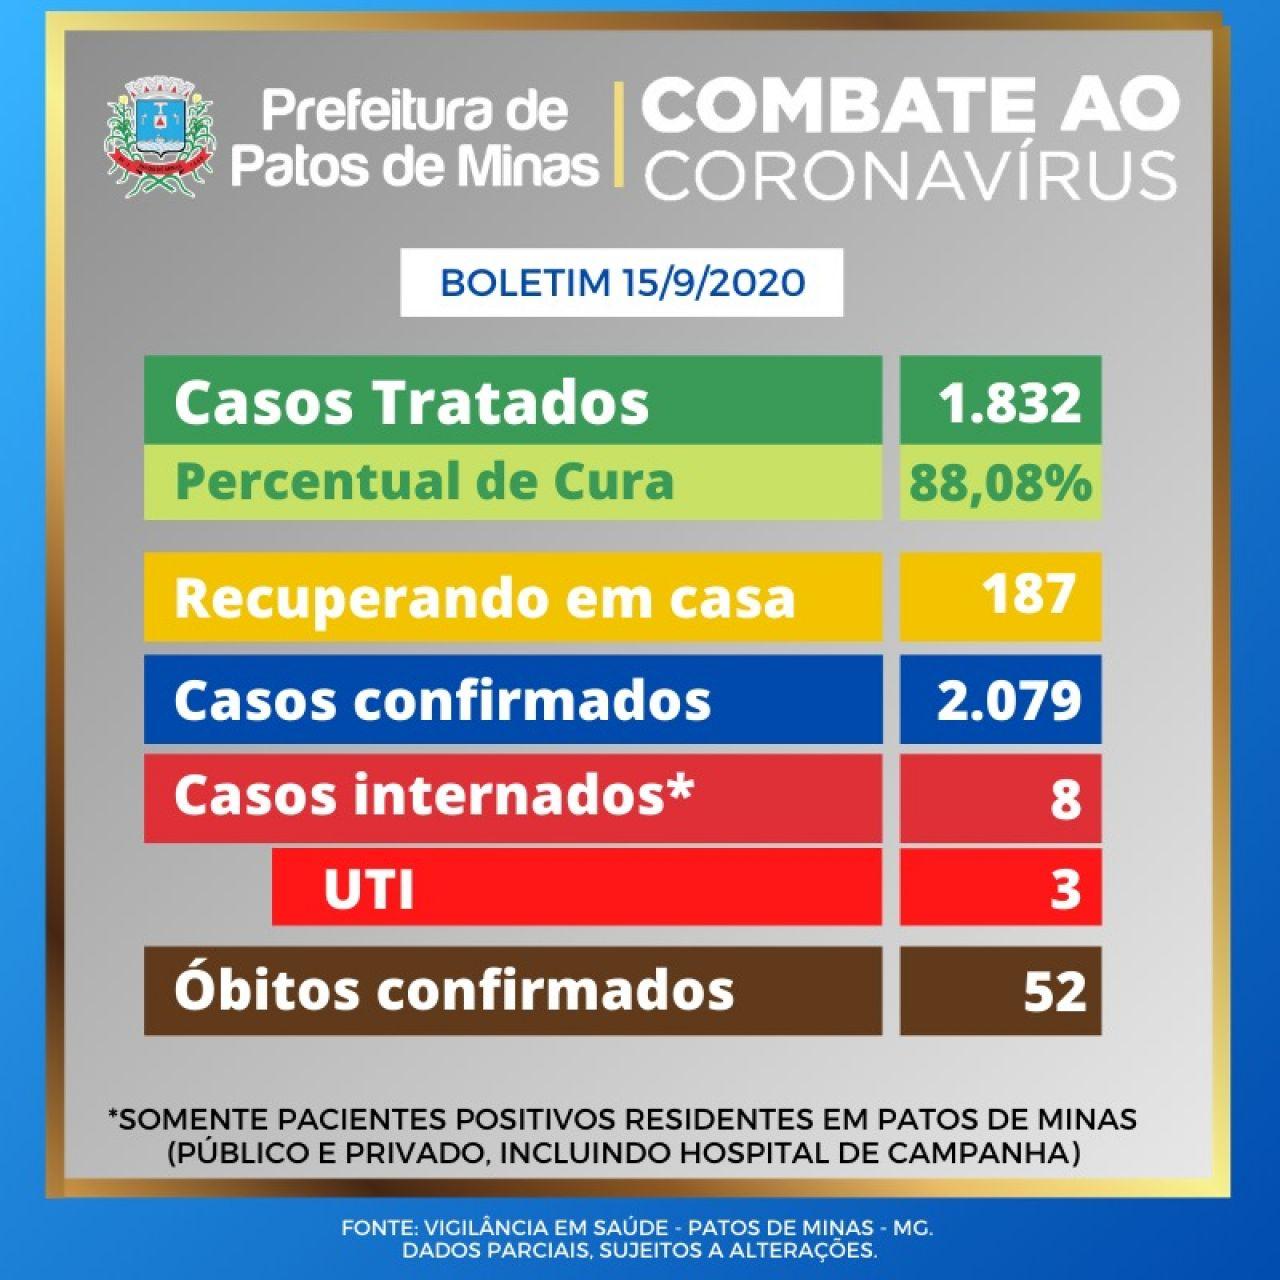 Covid-19: Patos de Minas registra 2.079 casos confirmados e 1.832 pacientes recuperados